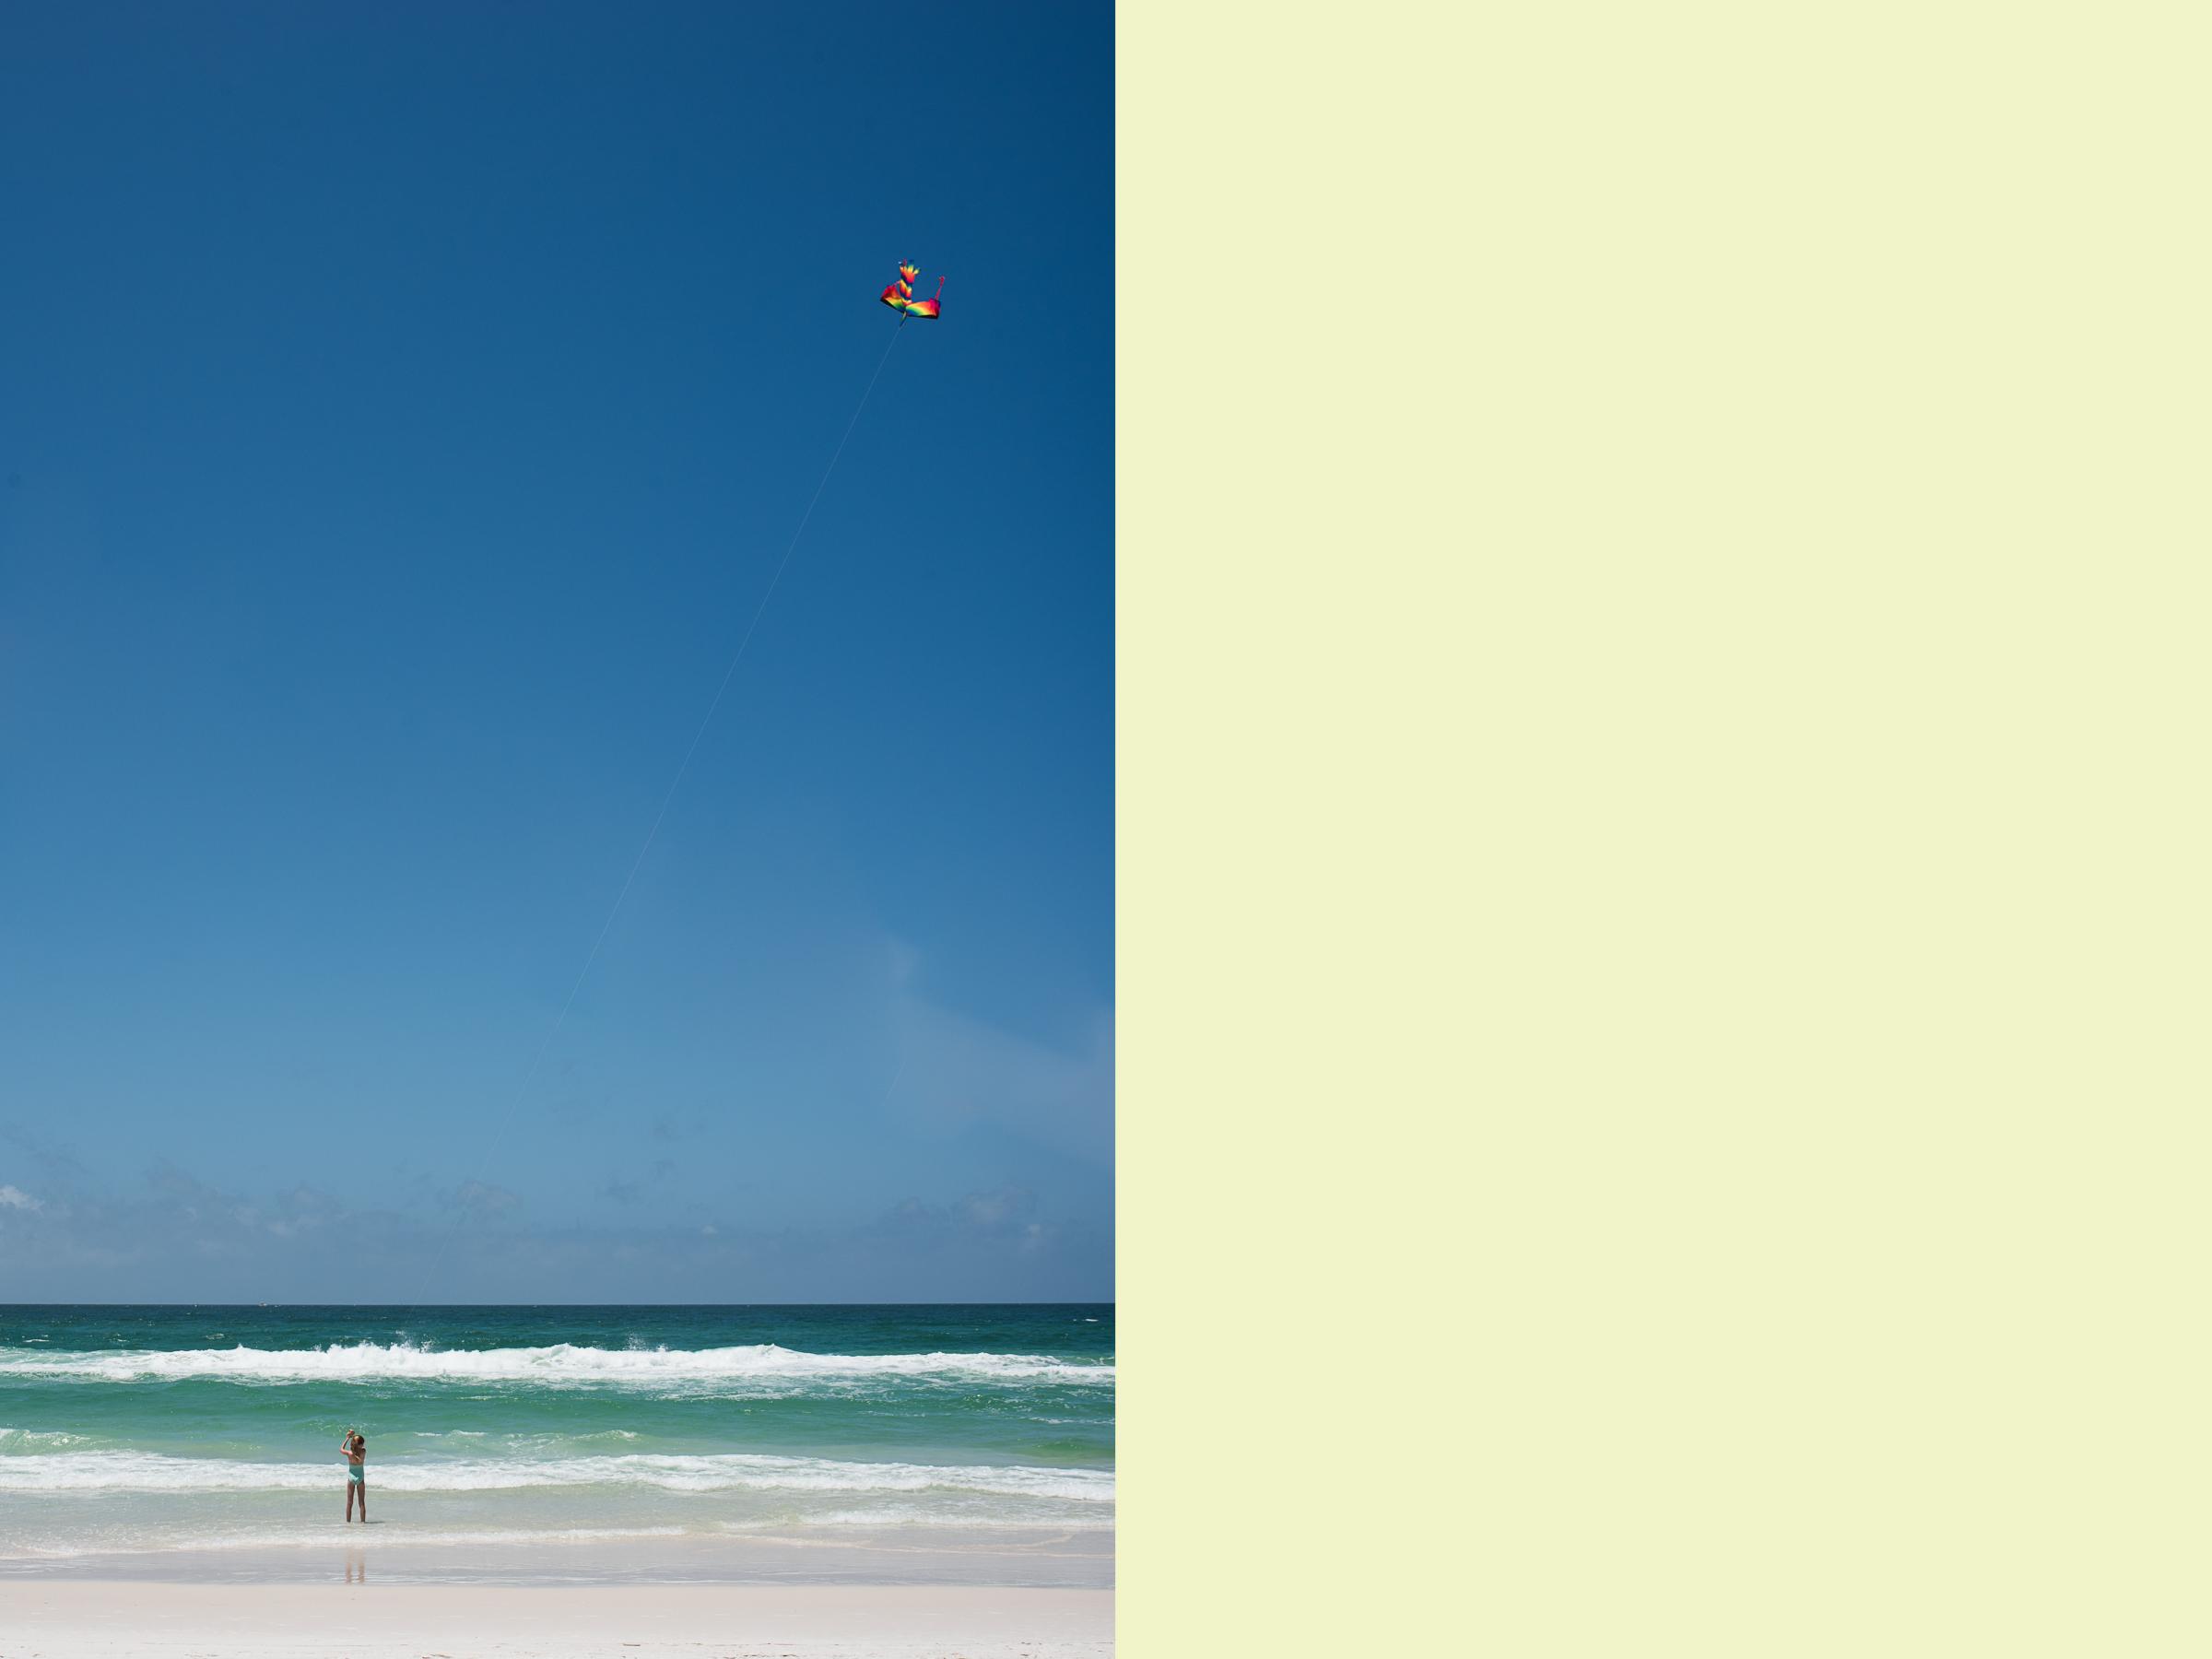 Kite success!